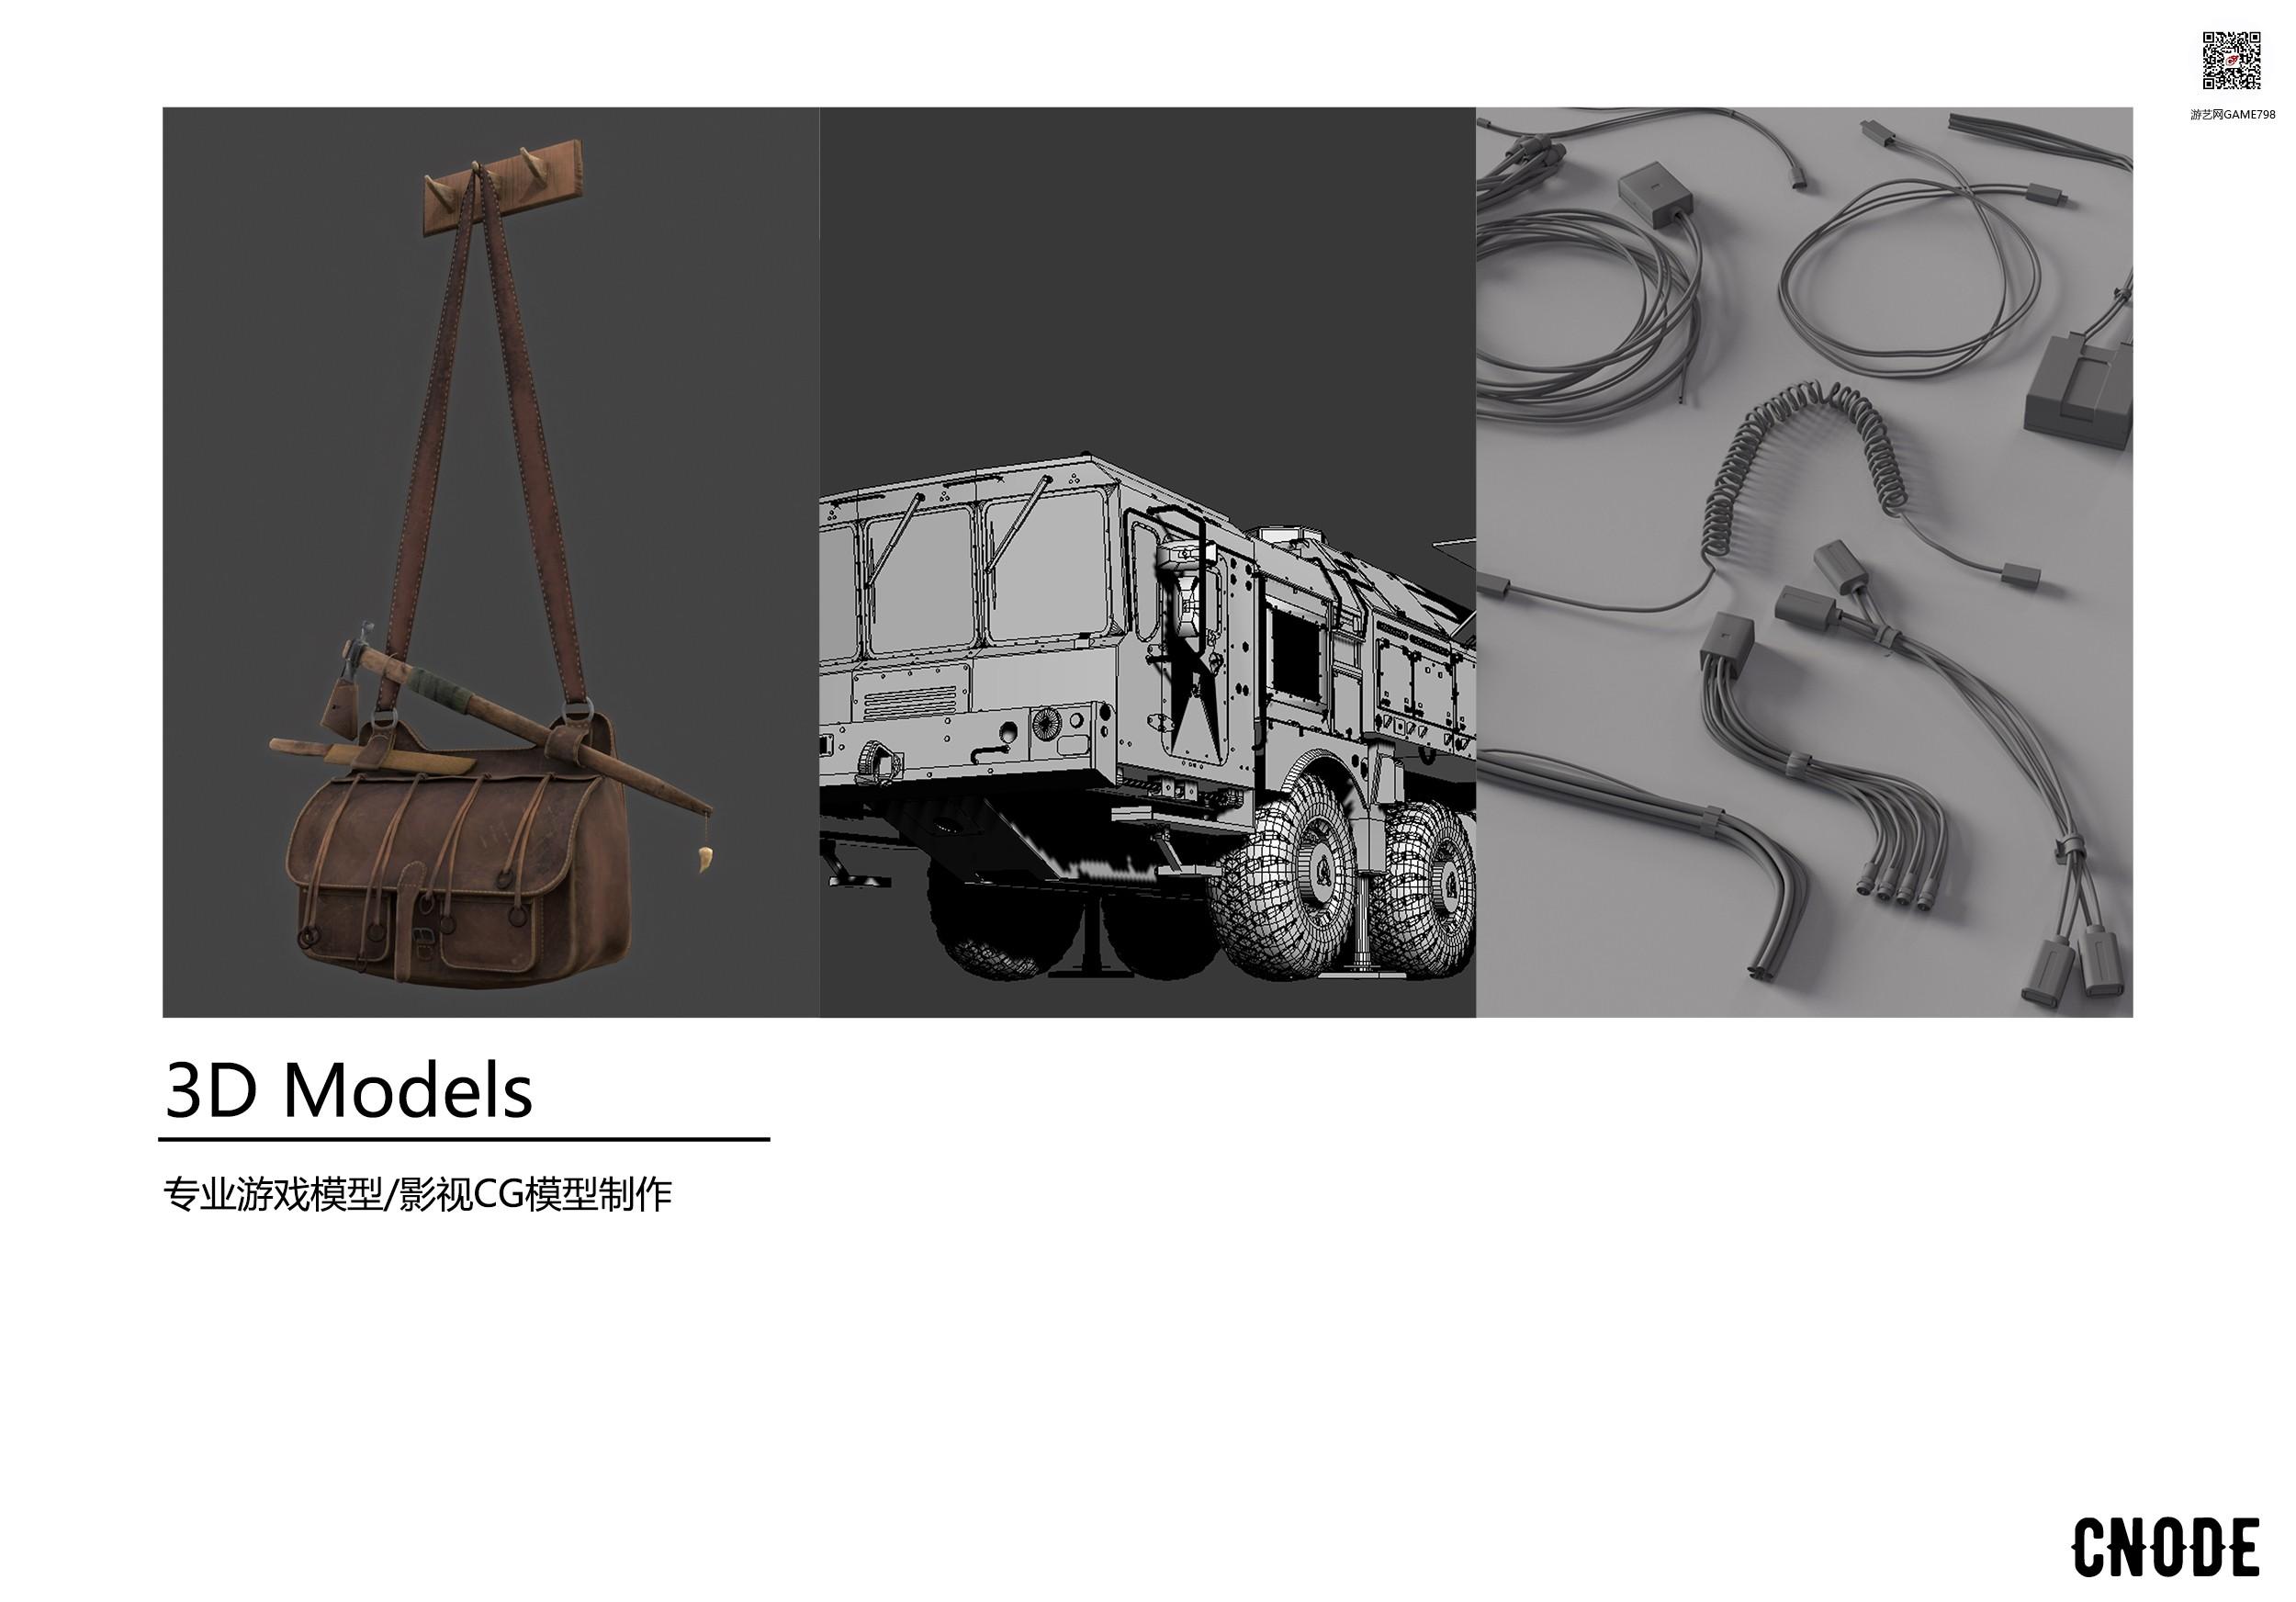 公司简历_0001_模型 拷贝.jpg